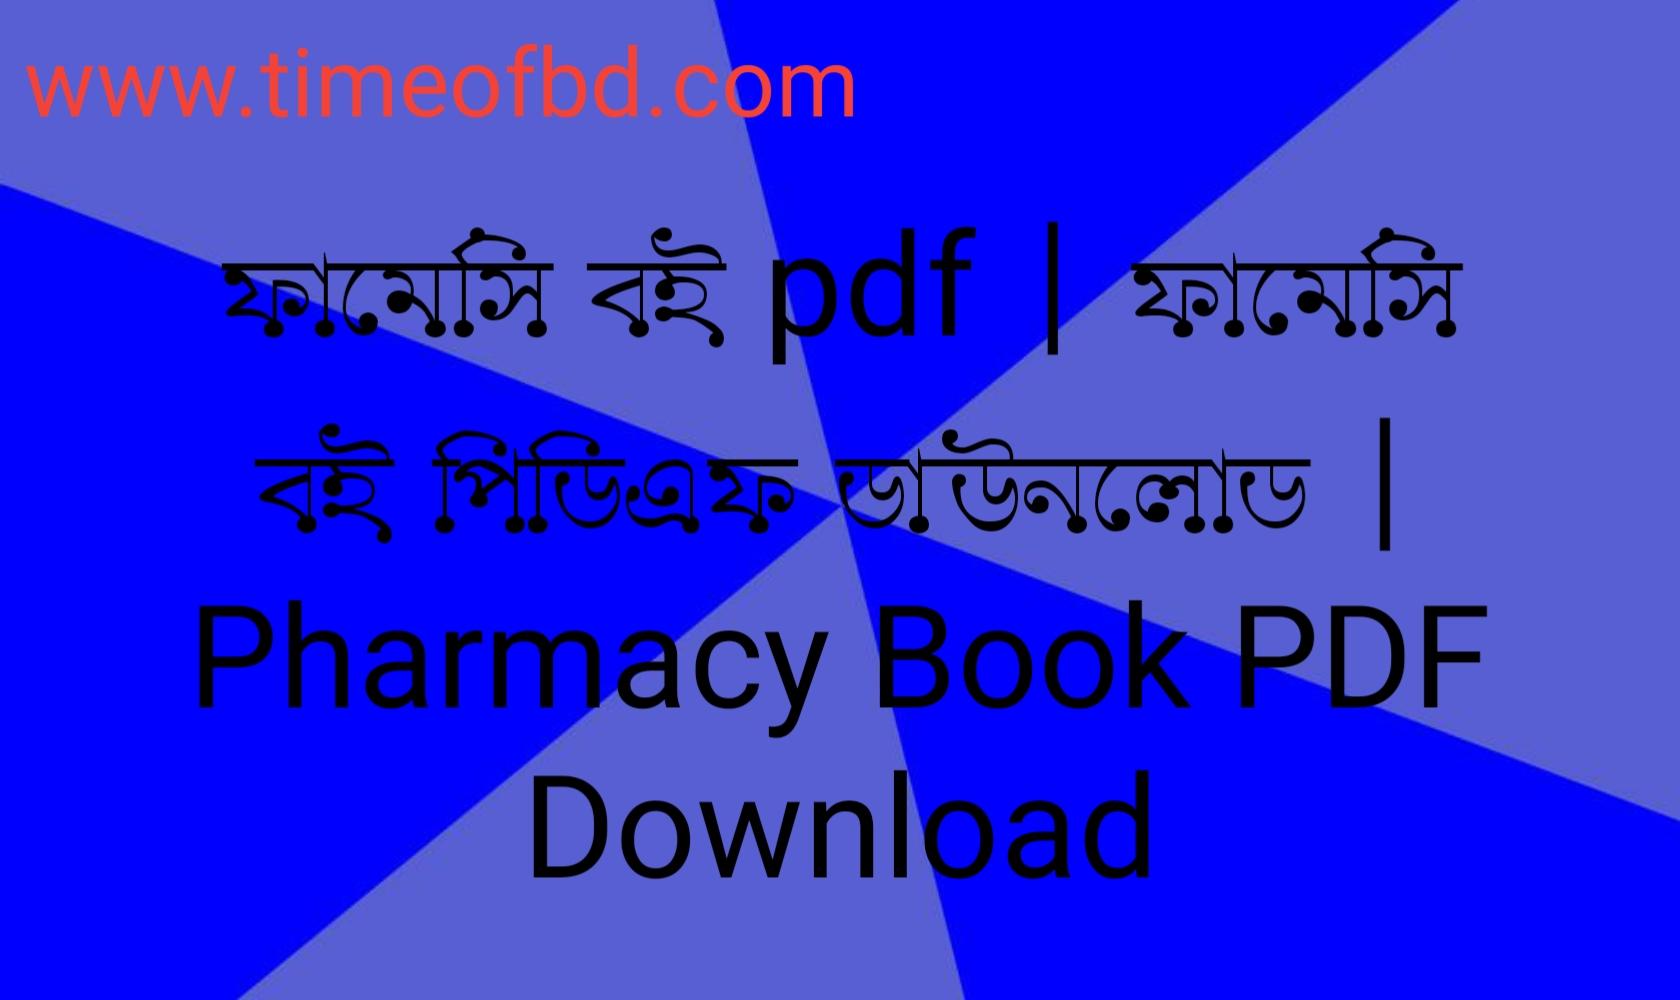 ফার্মেসি বই pdf, ফার্মেসি বই পিডিএফ ডাউনলোড, ফার্মেসি বই পিডিএফ, ফার্মেসি বই pdf download,